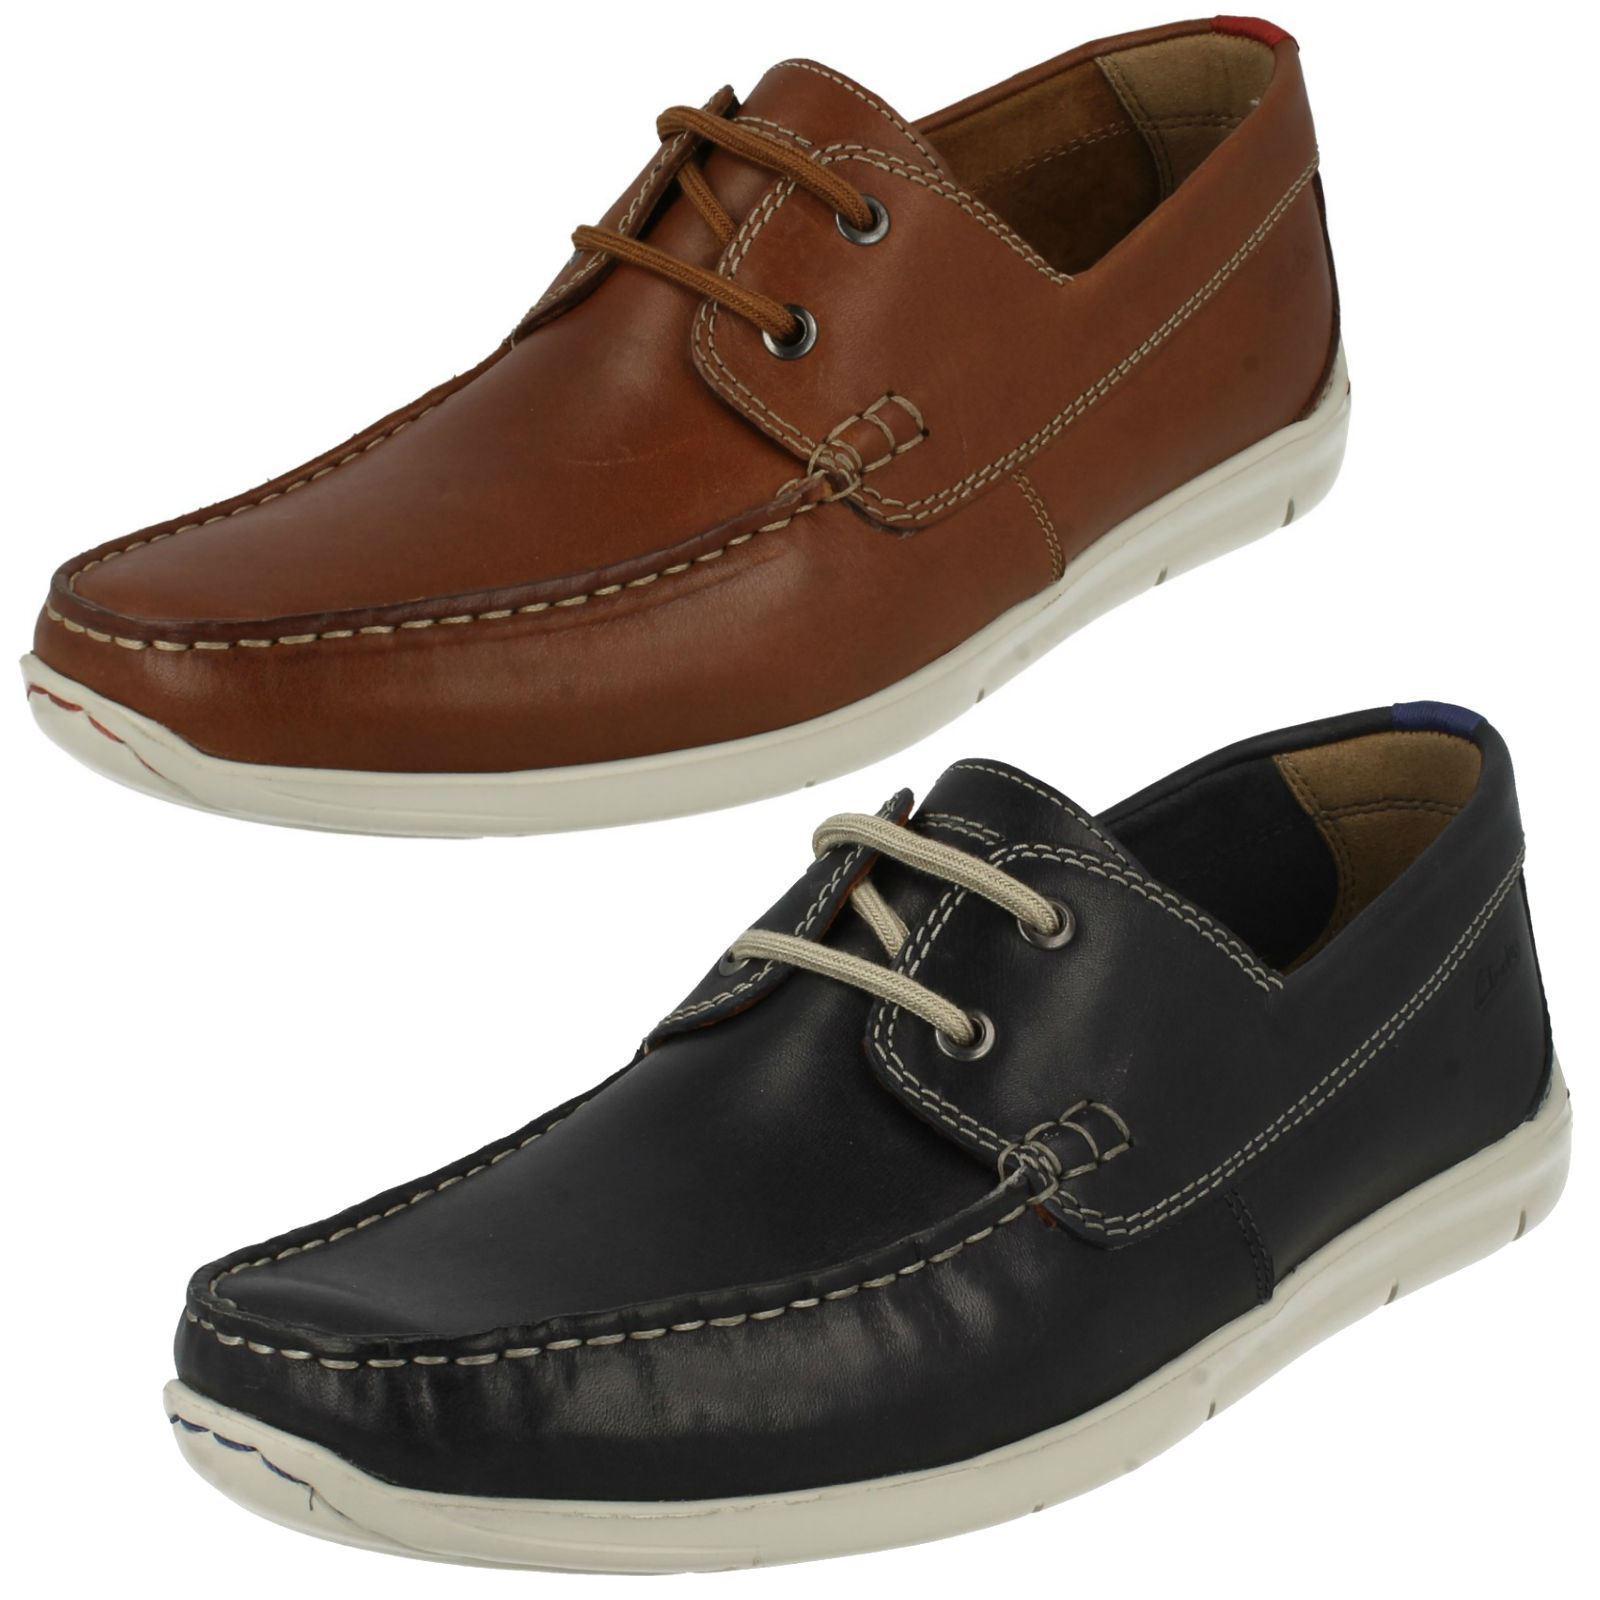 Para Cuero Hombre Clarks karlock paso Azul Marino o bronceado Cuero Para Casual lazada Zapatos ab43ab